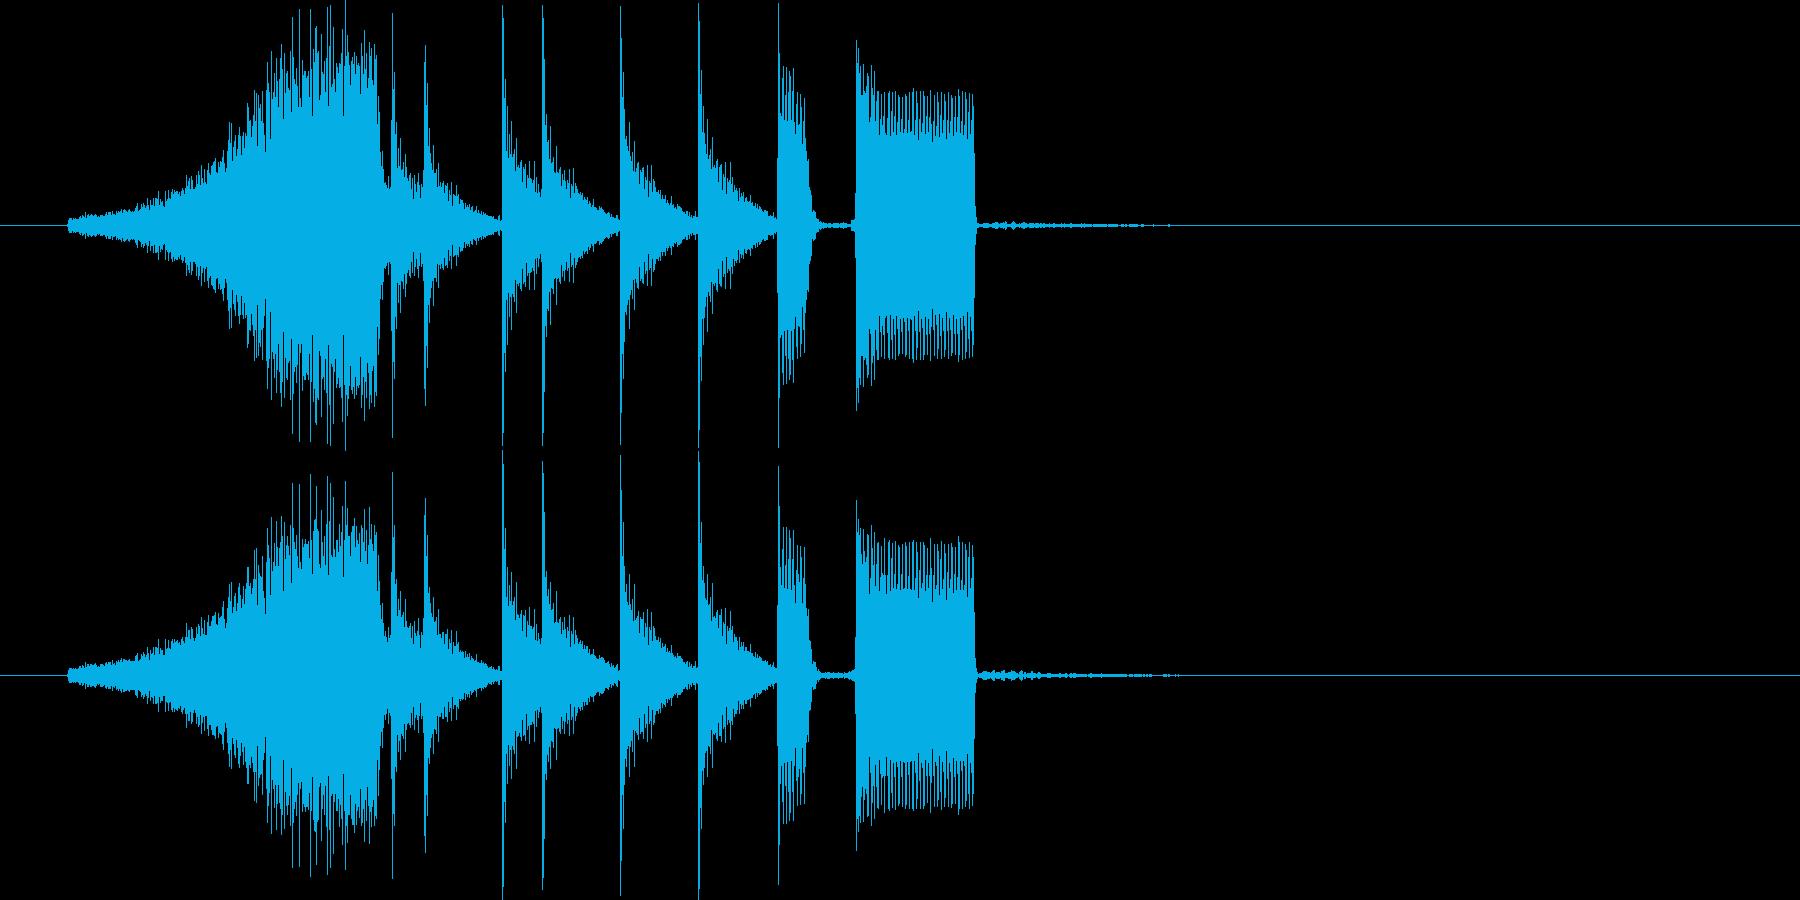 シャーンタカンタタンタンピー(楽しい)の再生済みの波形